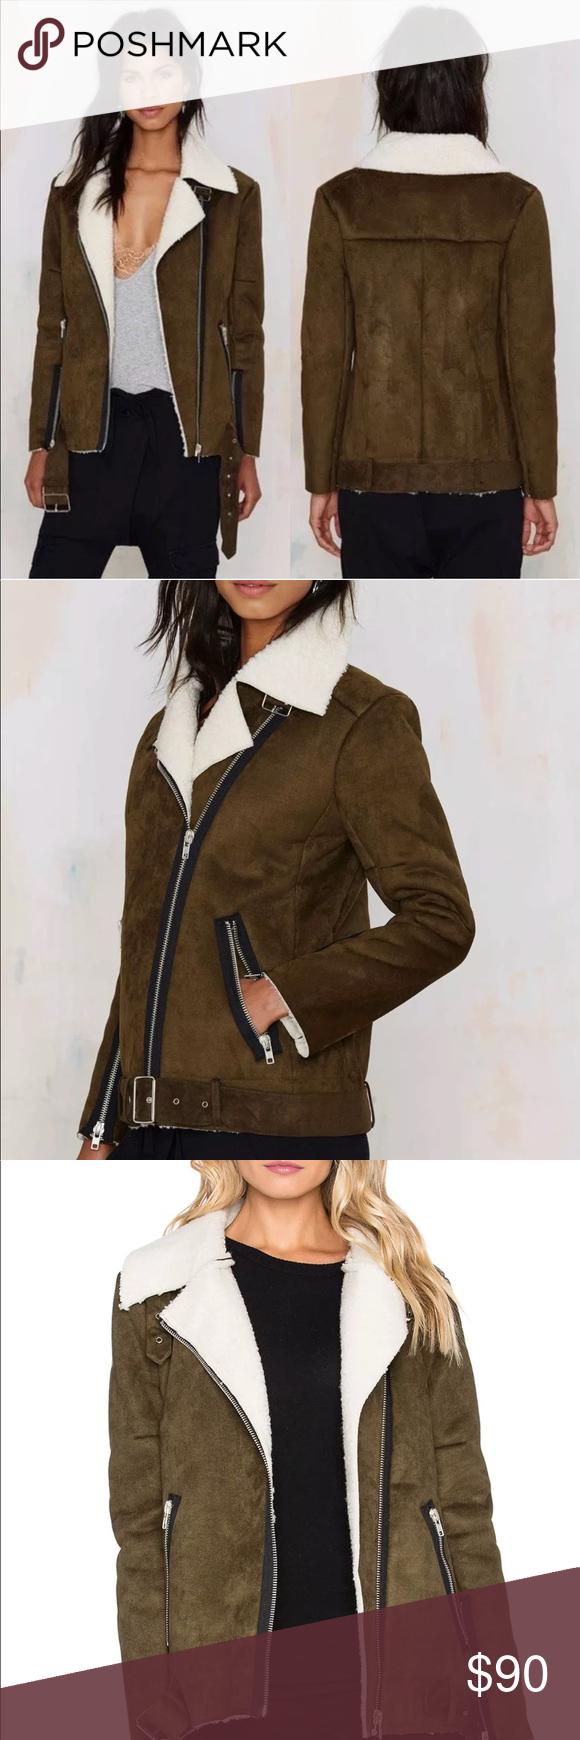 J.O.A Sherpa Moto Zip Jacket in Olive XS A glamorous J.O